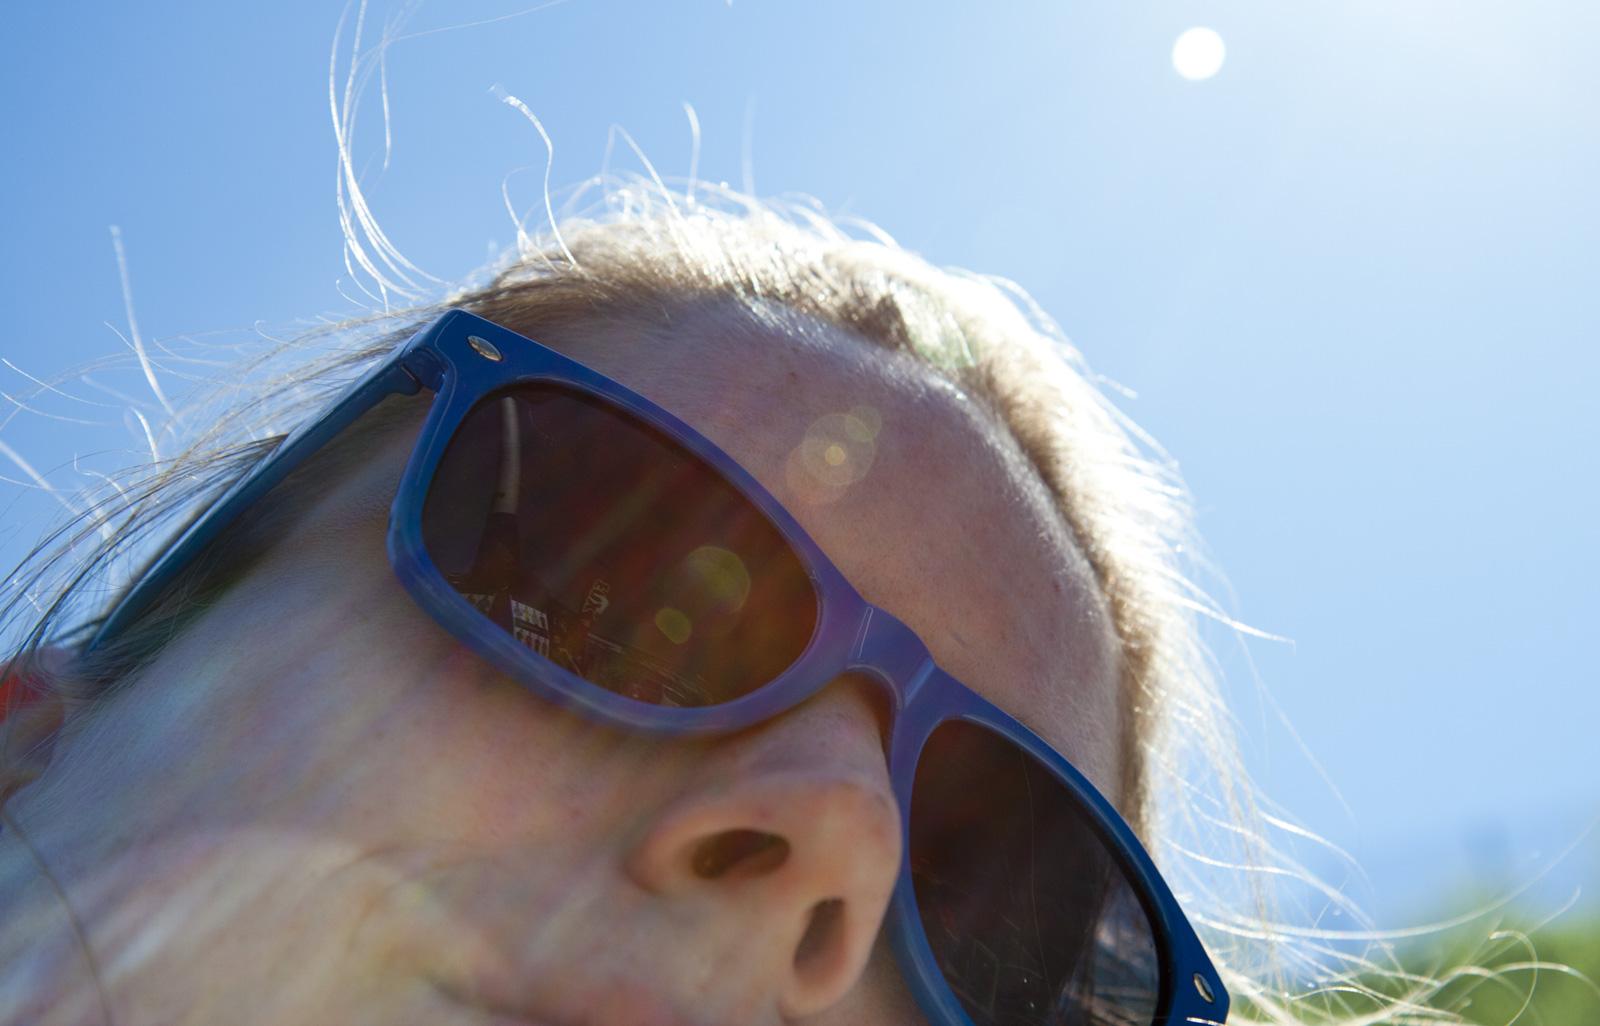 Now I'm hipster: Neue Sonnenbrille – farblich passend zum Sonnenbrand.